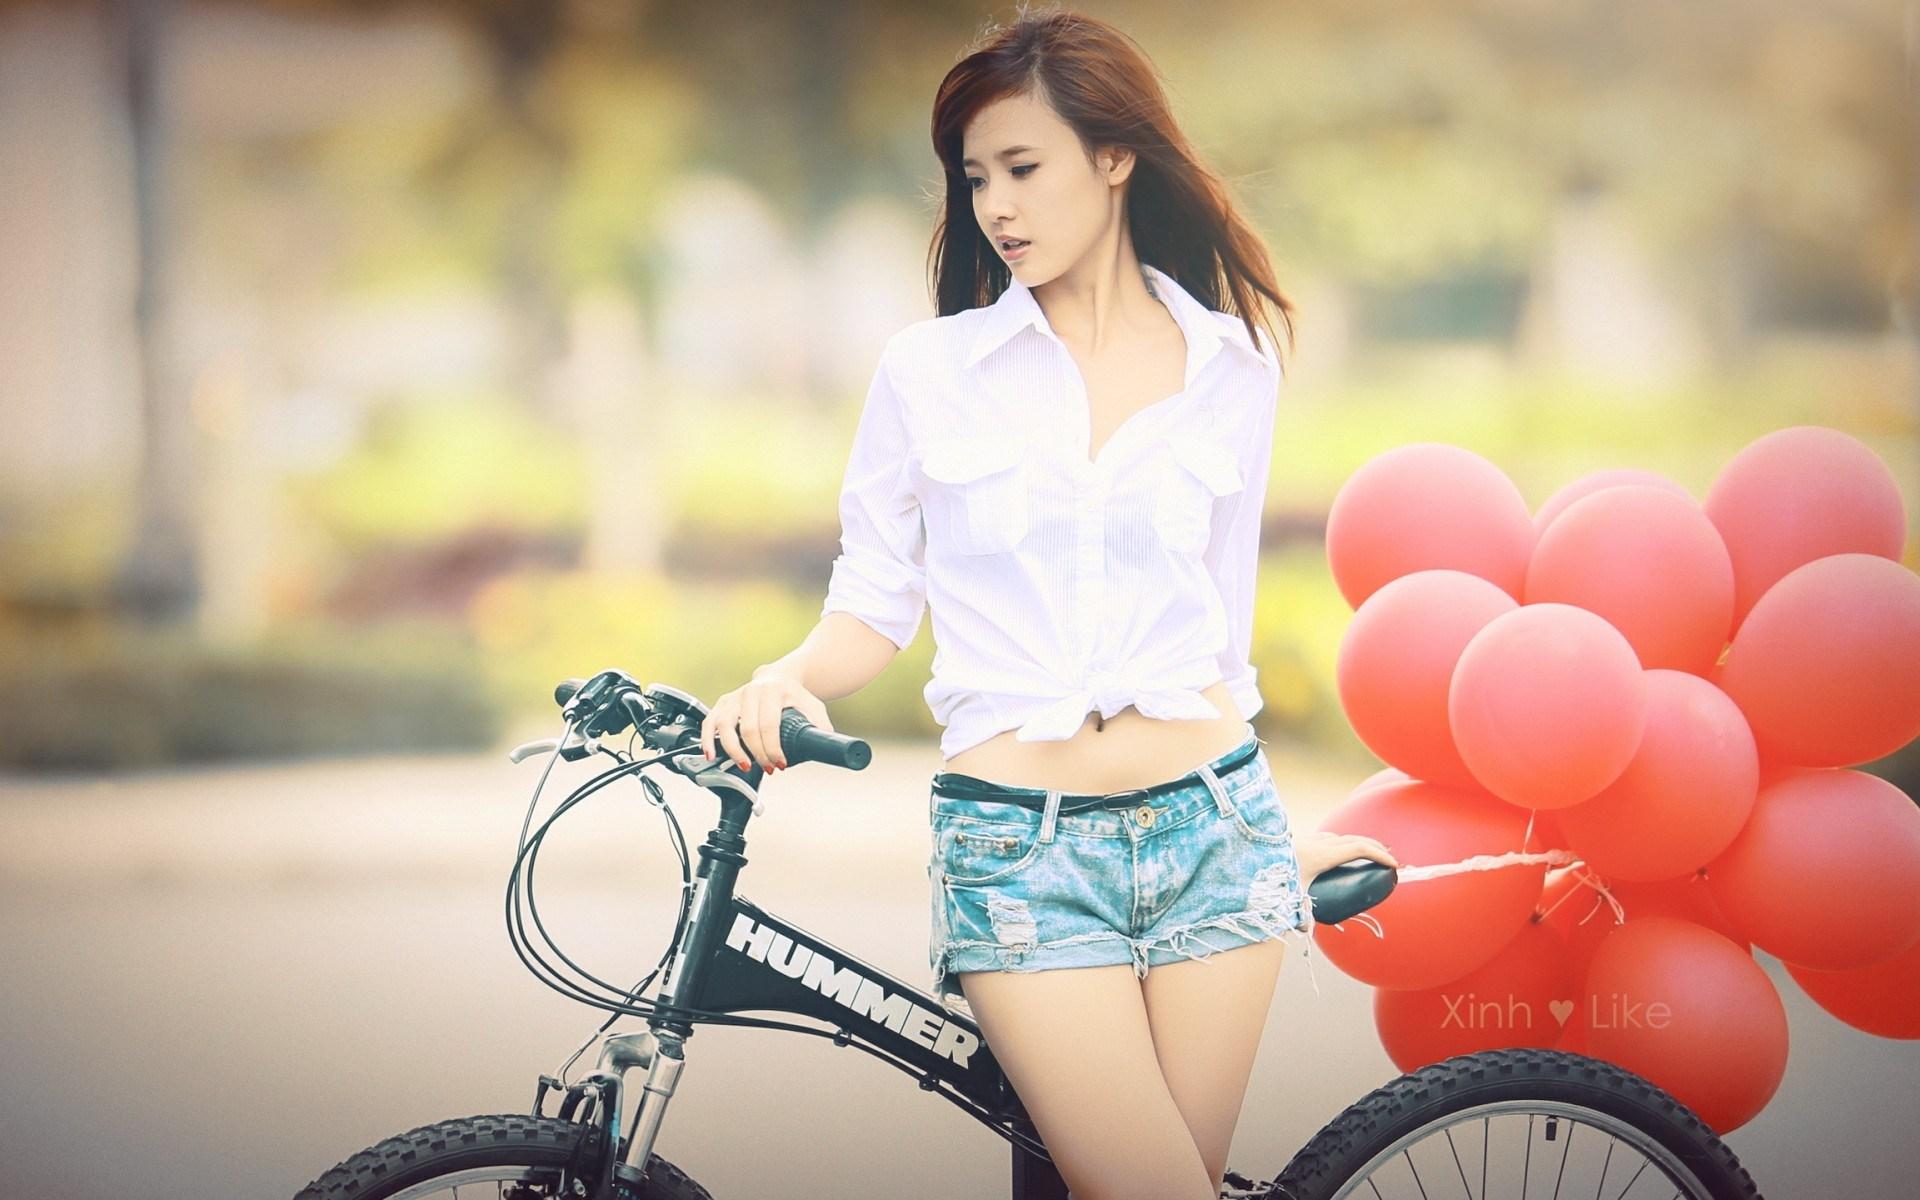 asian girl, bike, red balloons, beauty girl, photo vintage, wallpaper